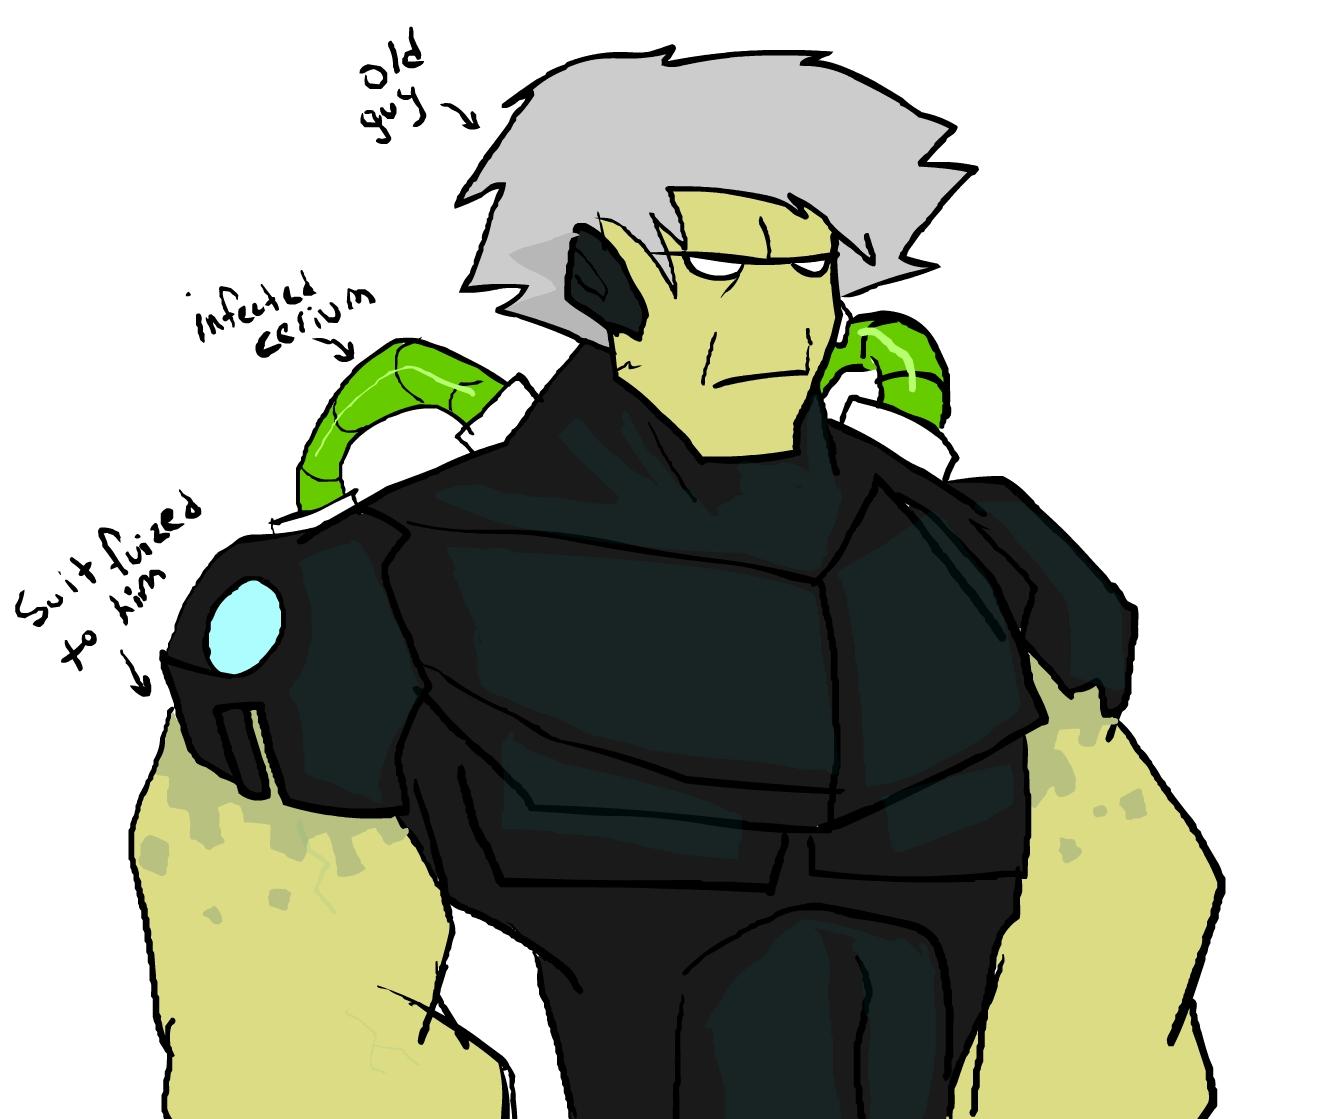 The main villain Jedrick